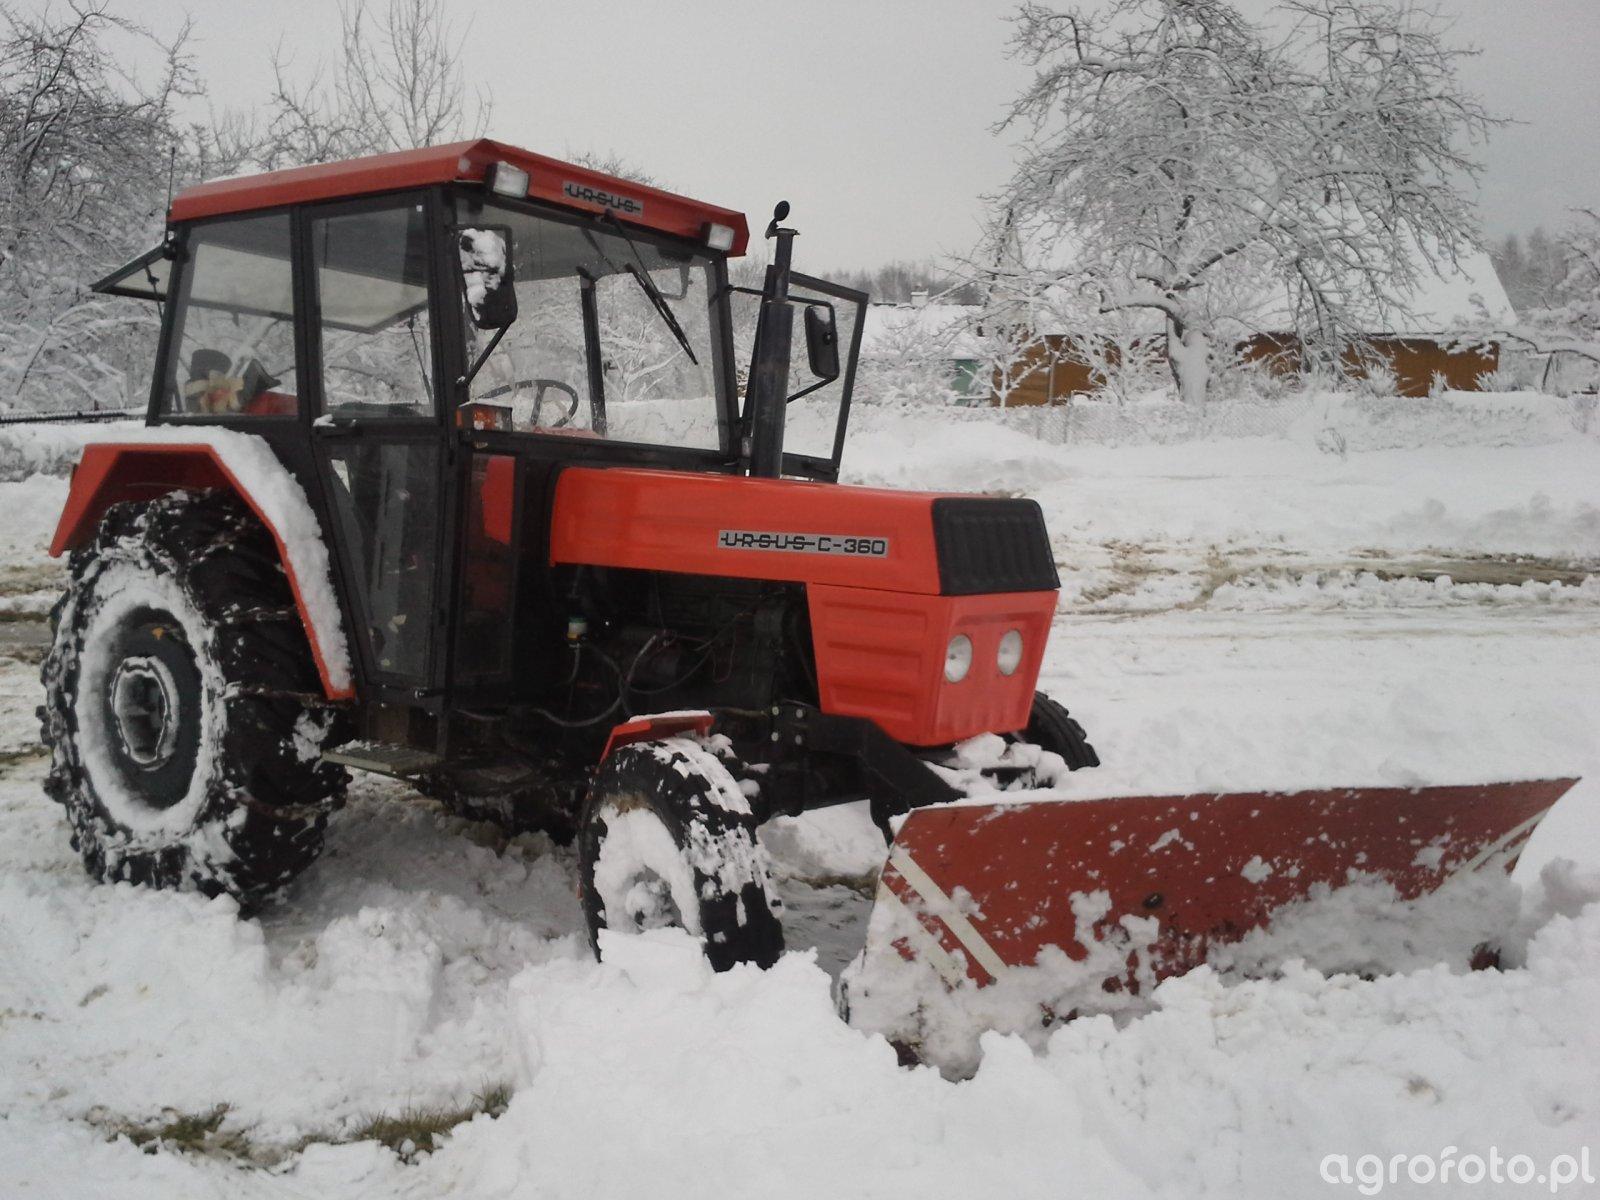 Inteligentny Fotografia ciagnik Ursus C-360 & pług do śniegu id:544634 WX28